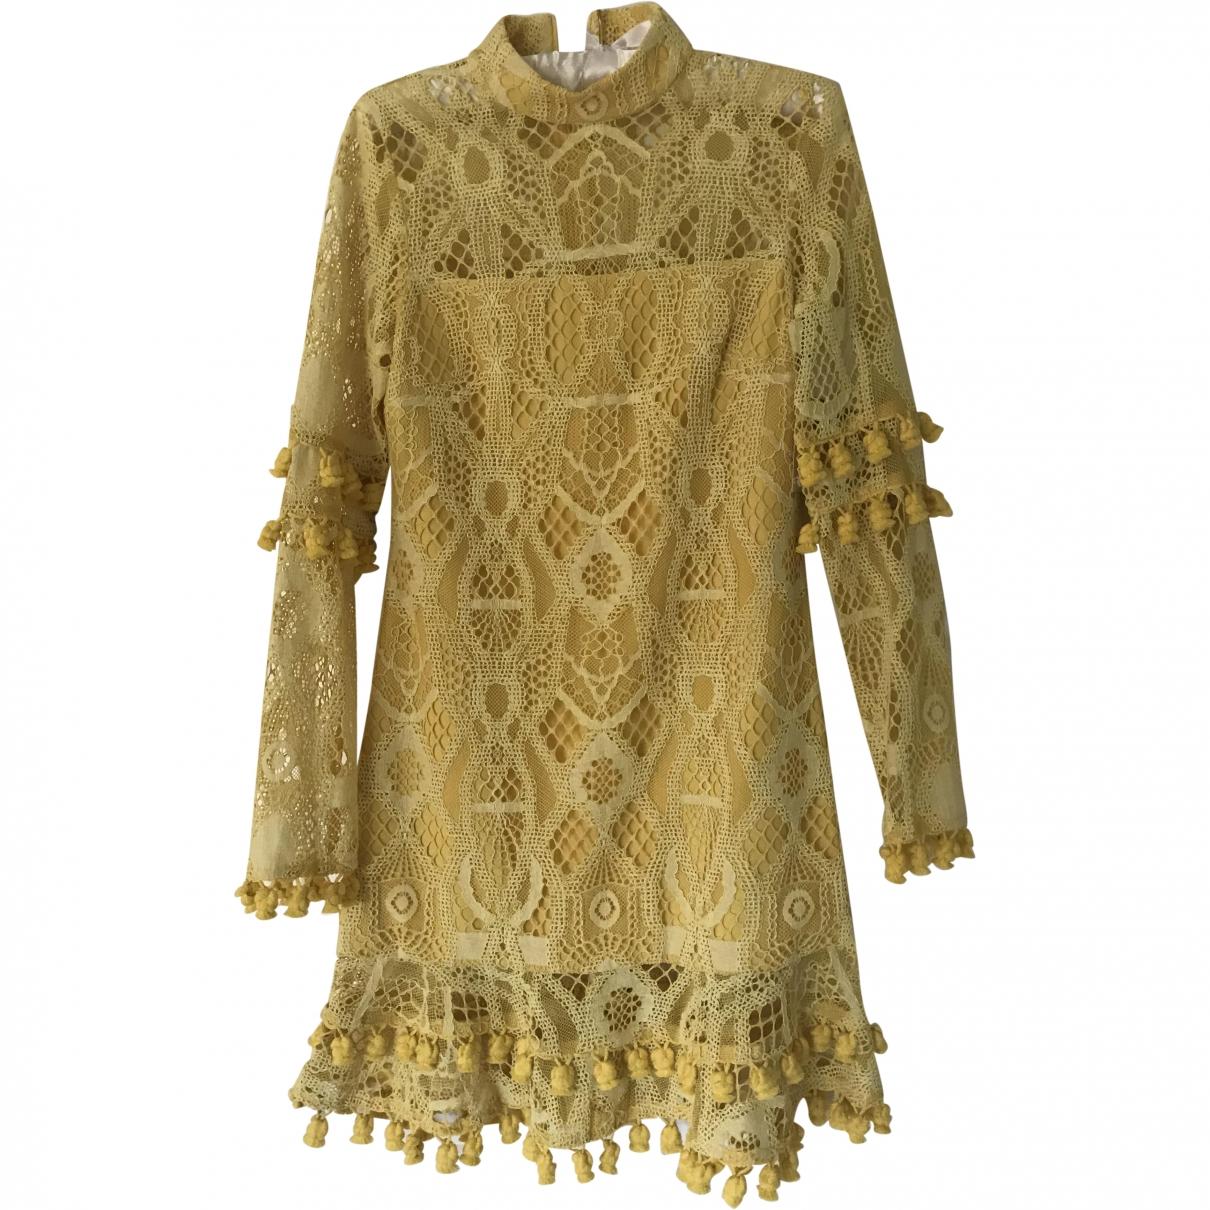 Alexis \N Kleid in  Gelb Spitze